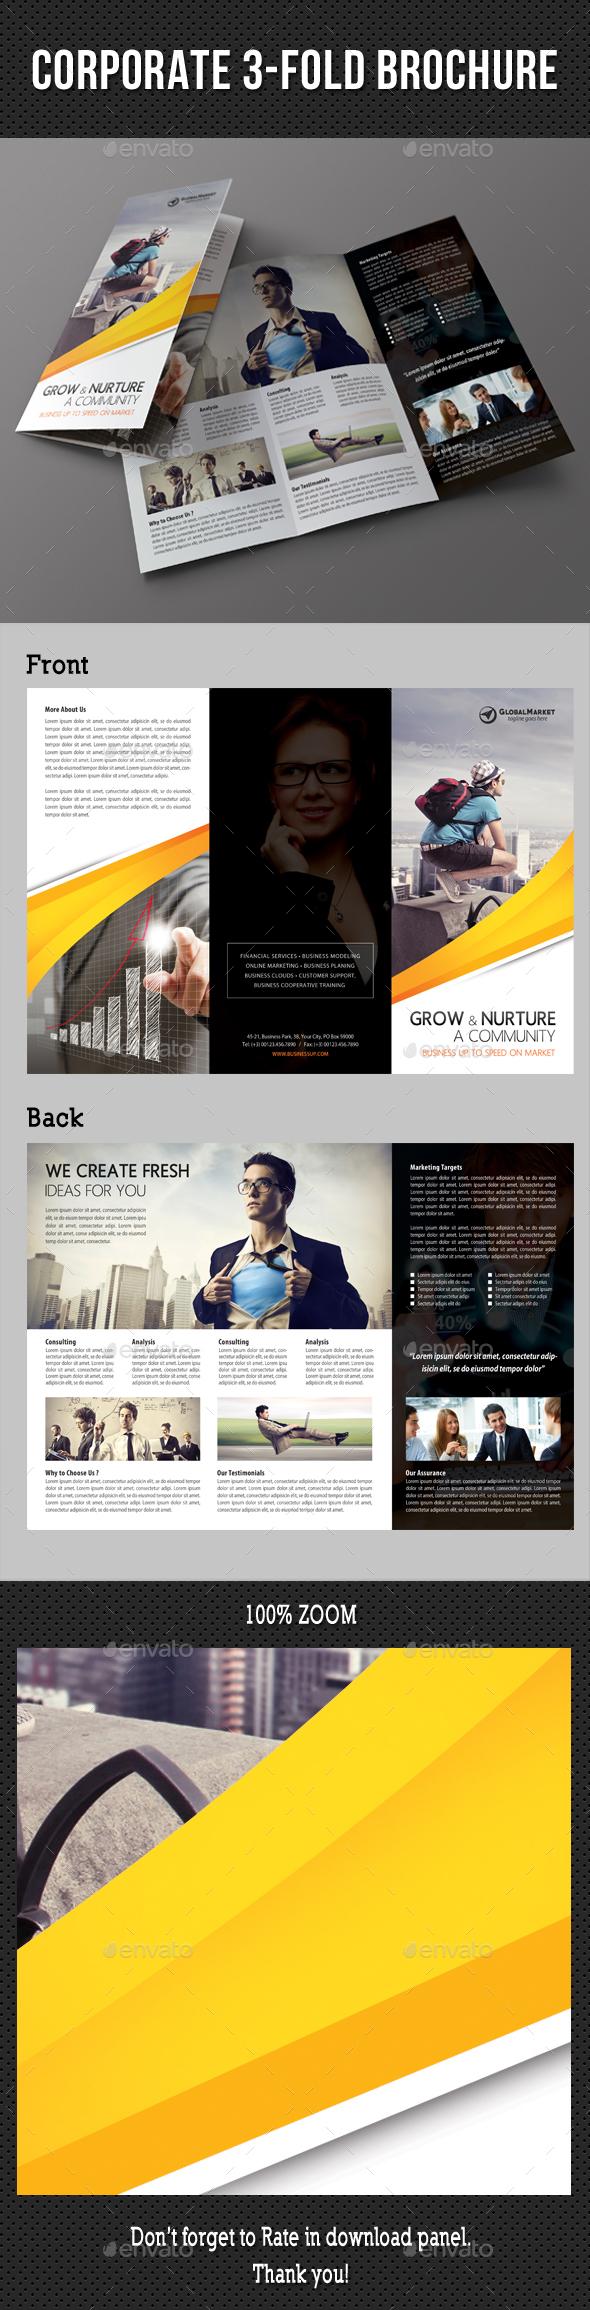 Corporate 3-Fold Brochure 33 - Corporate Brochures